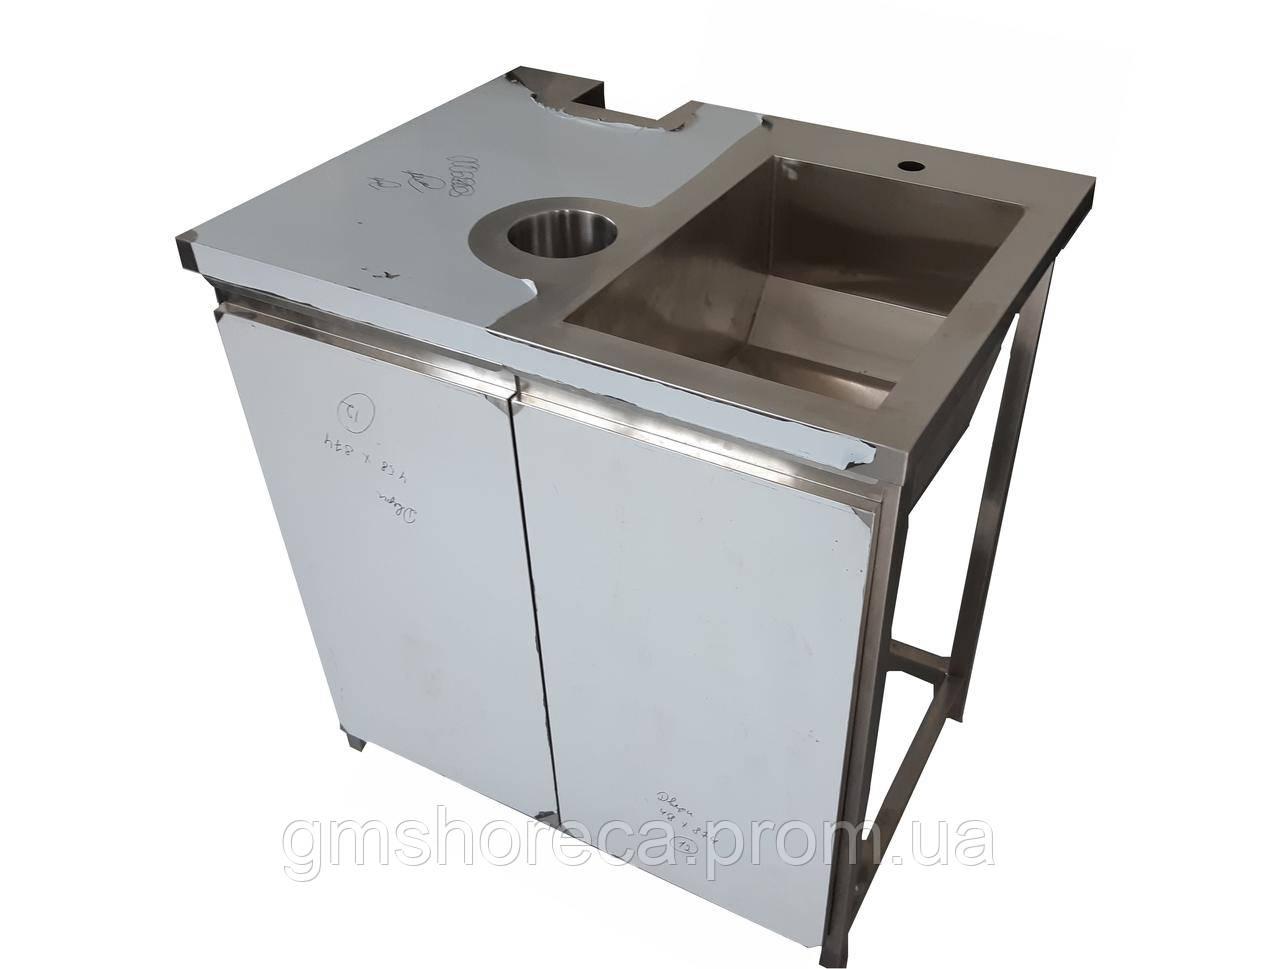 Стол ванна с отверстием под мусор